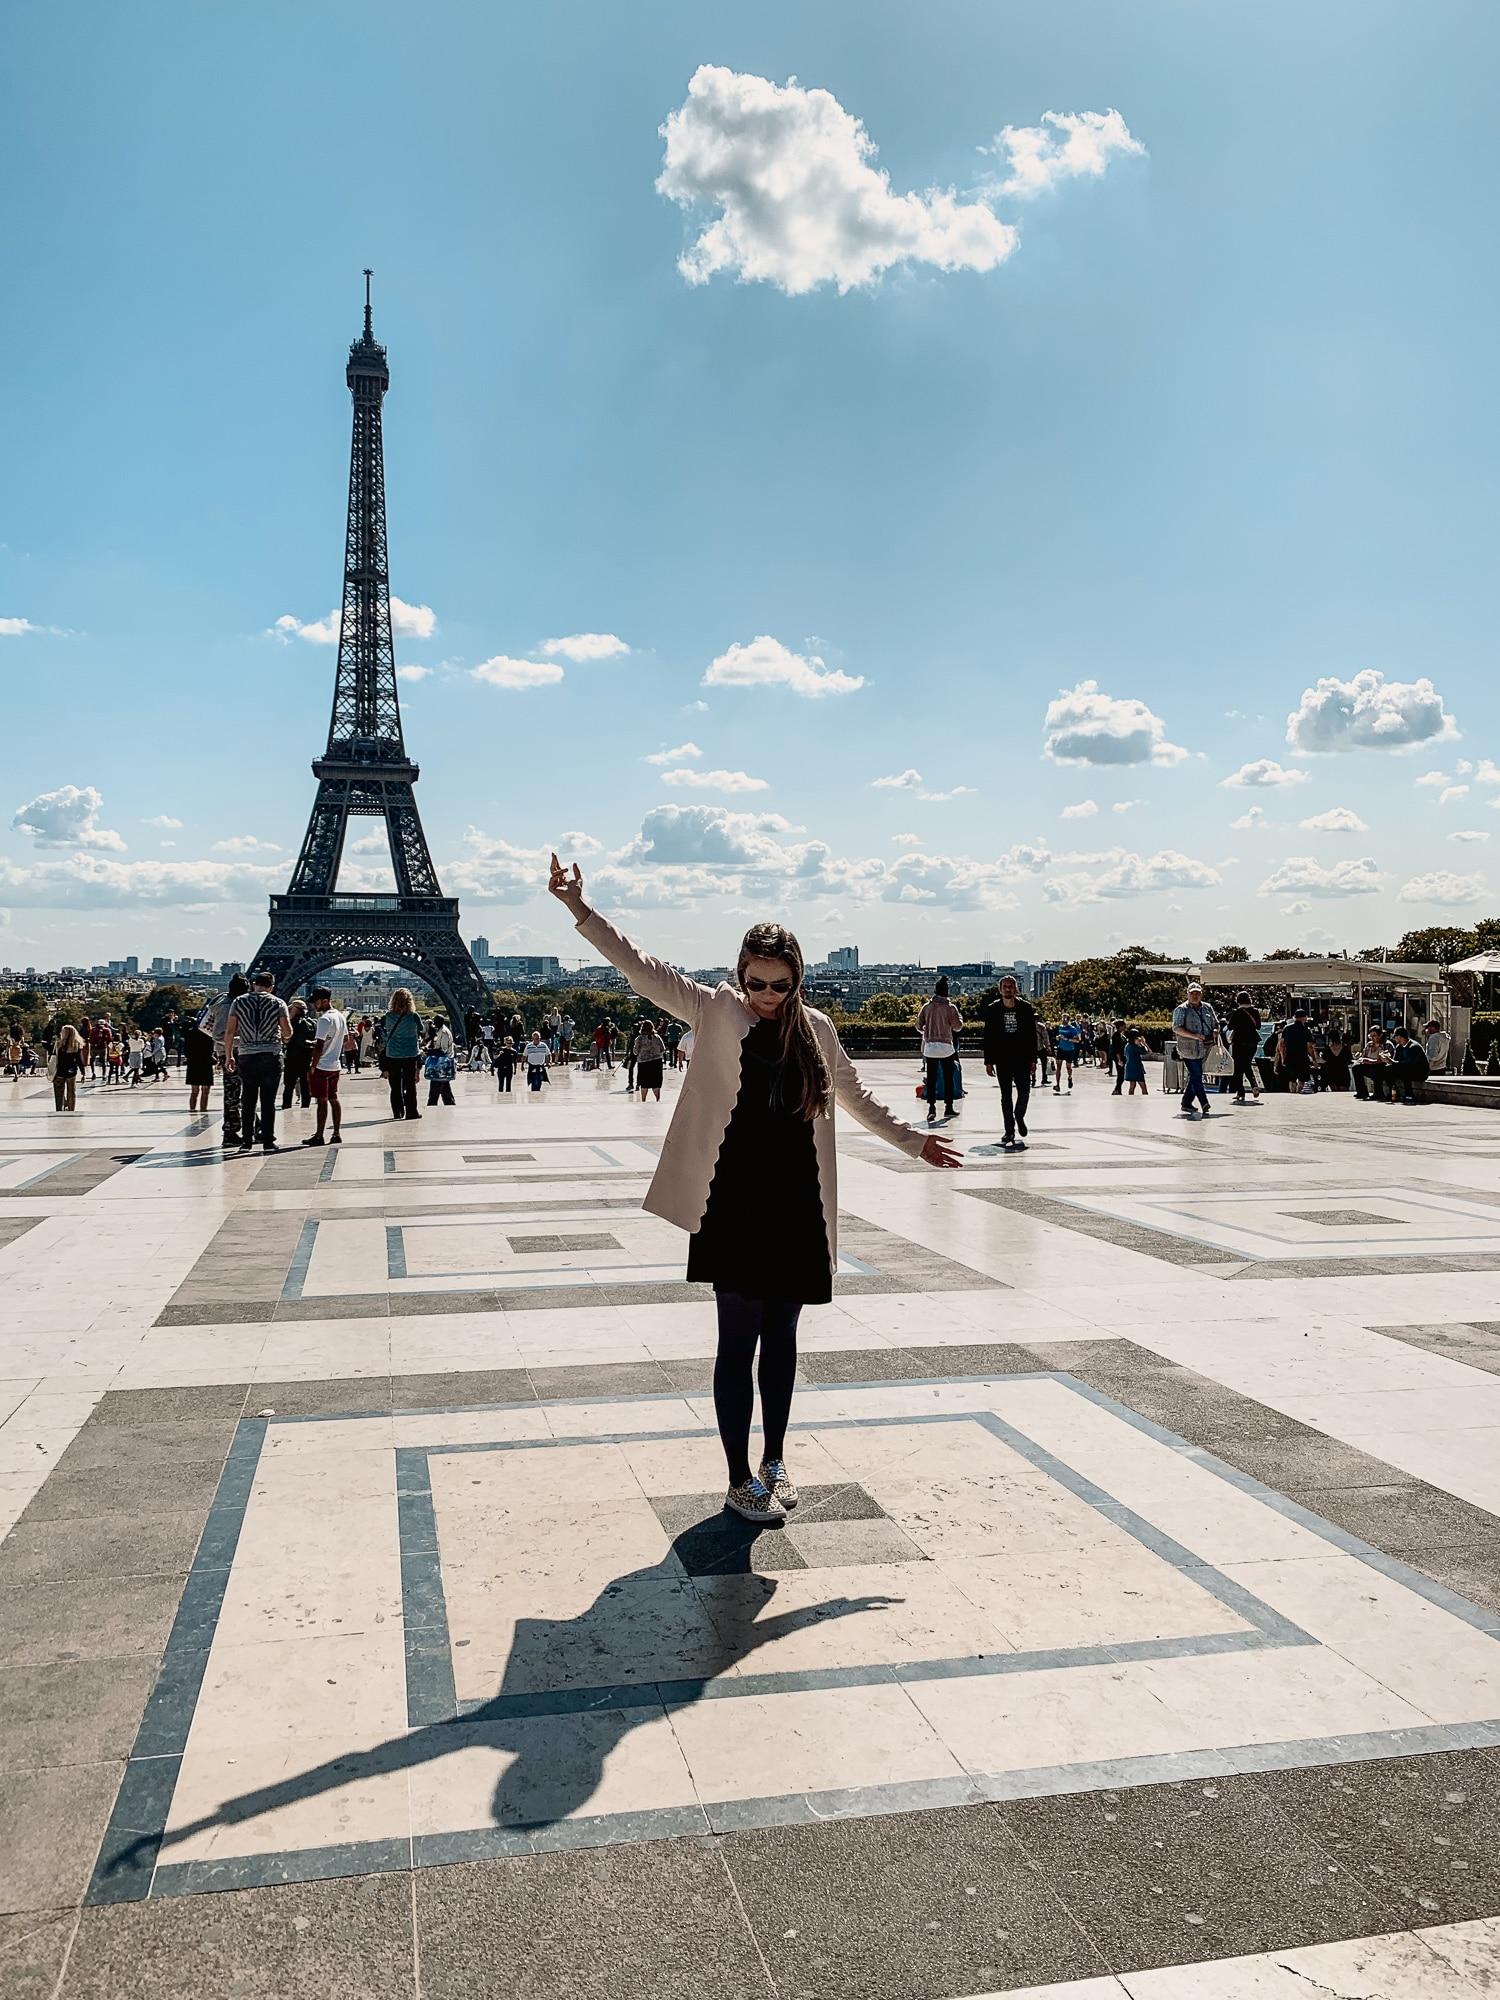 Schönste Fotospots in Paris - und meine liebsten Instagram Hotspots - Place du Trocadero